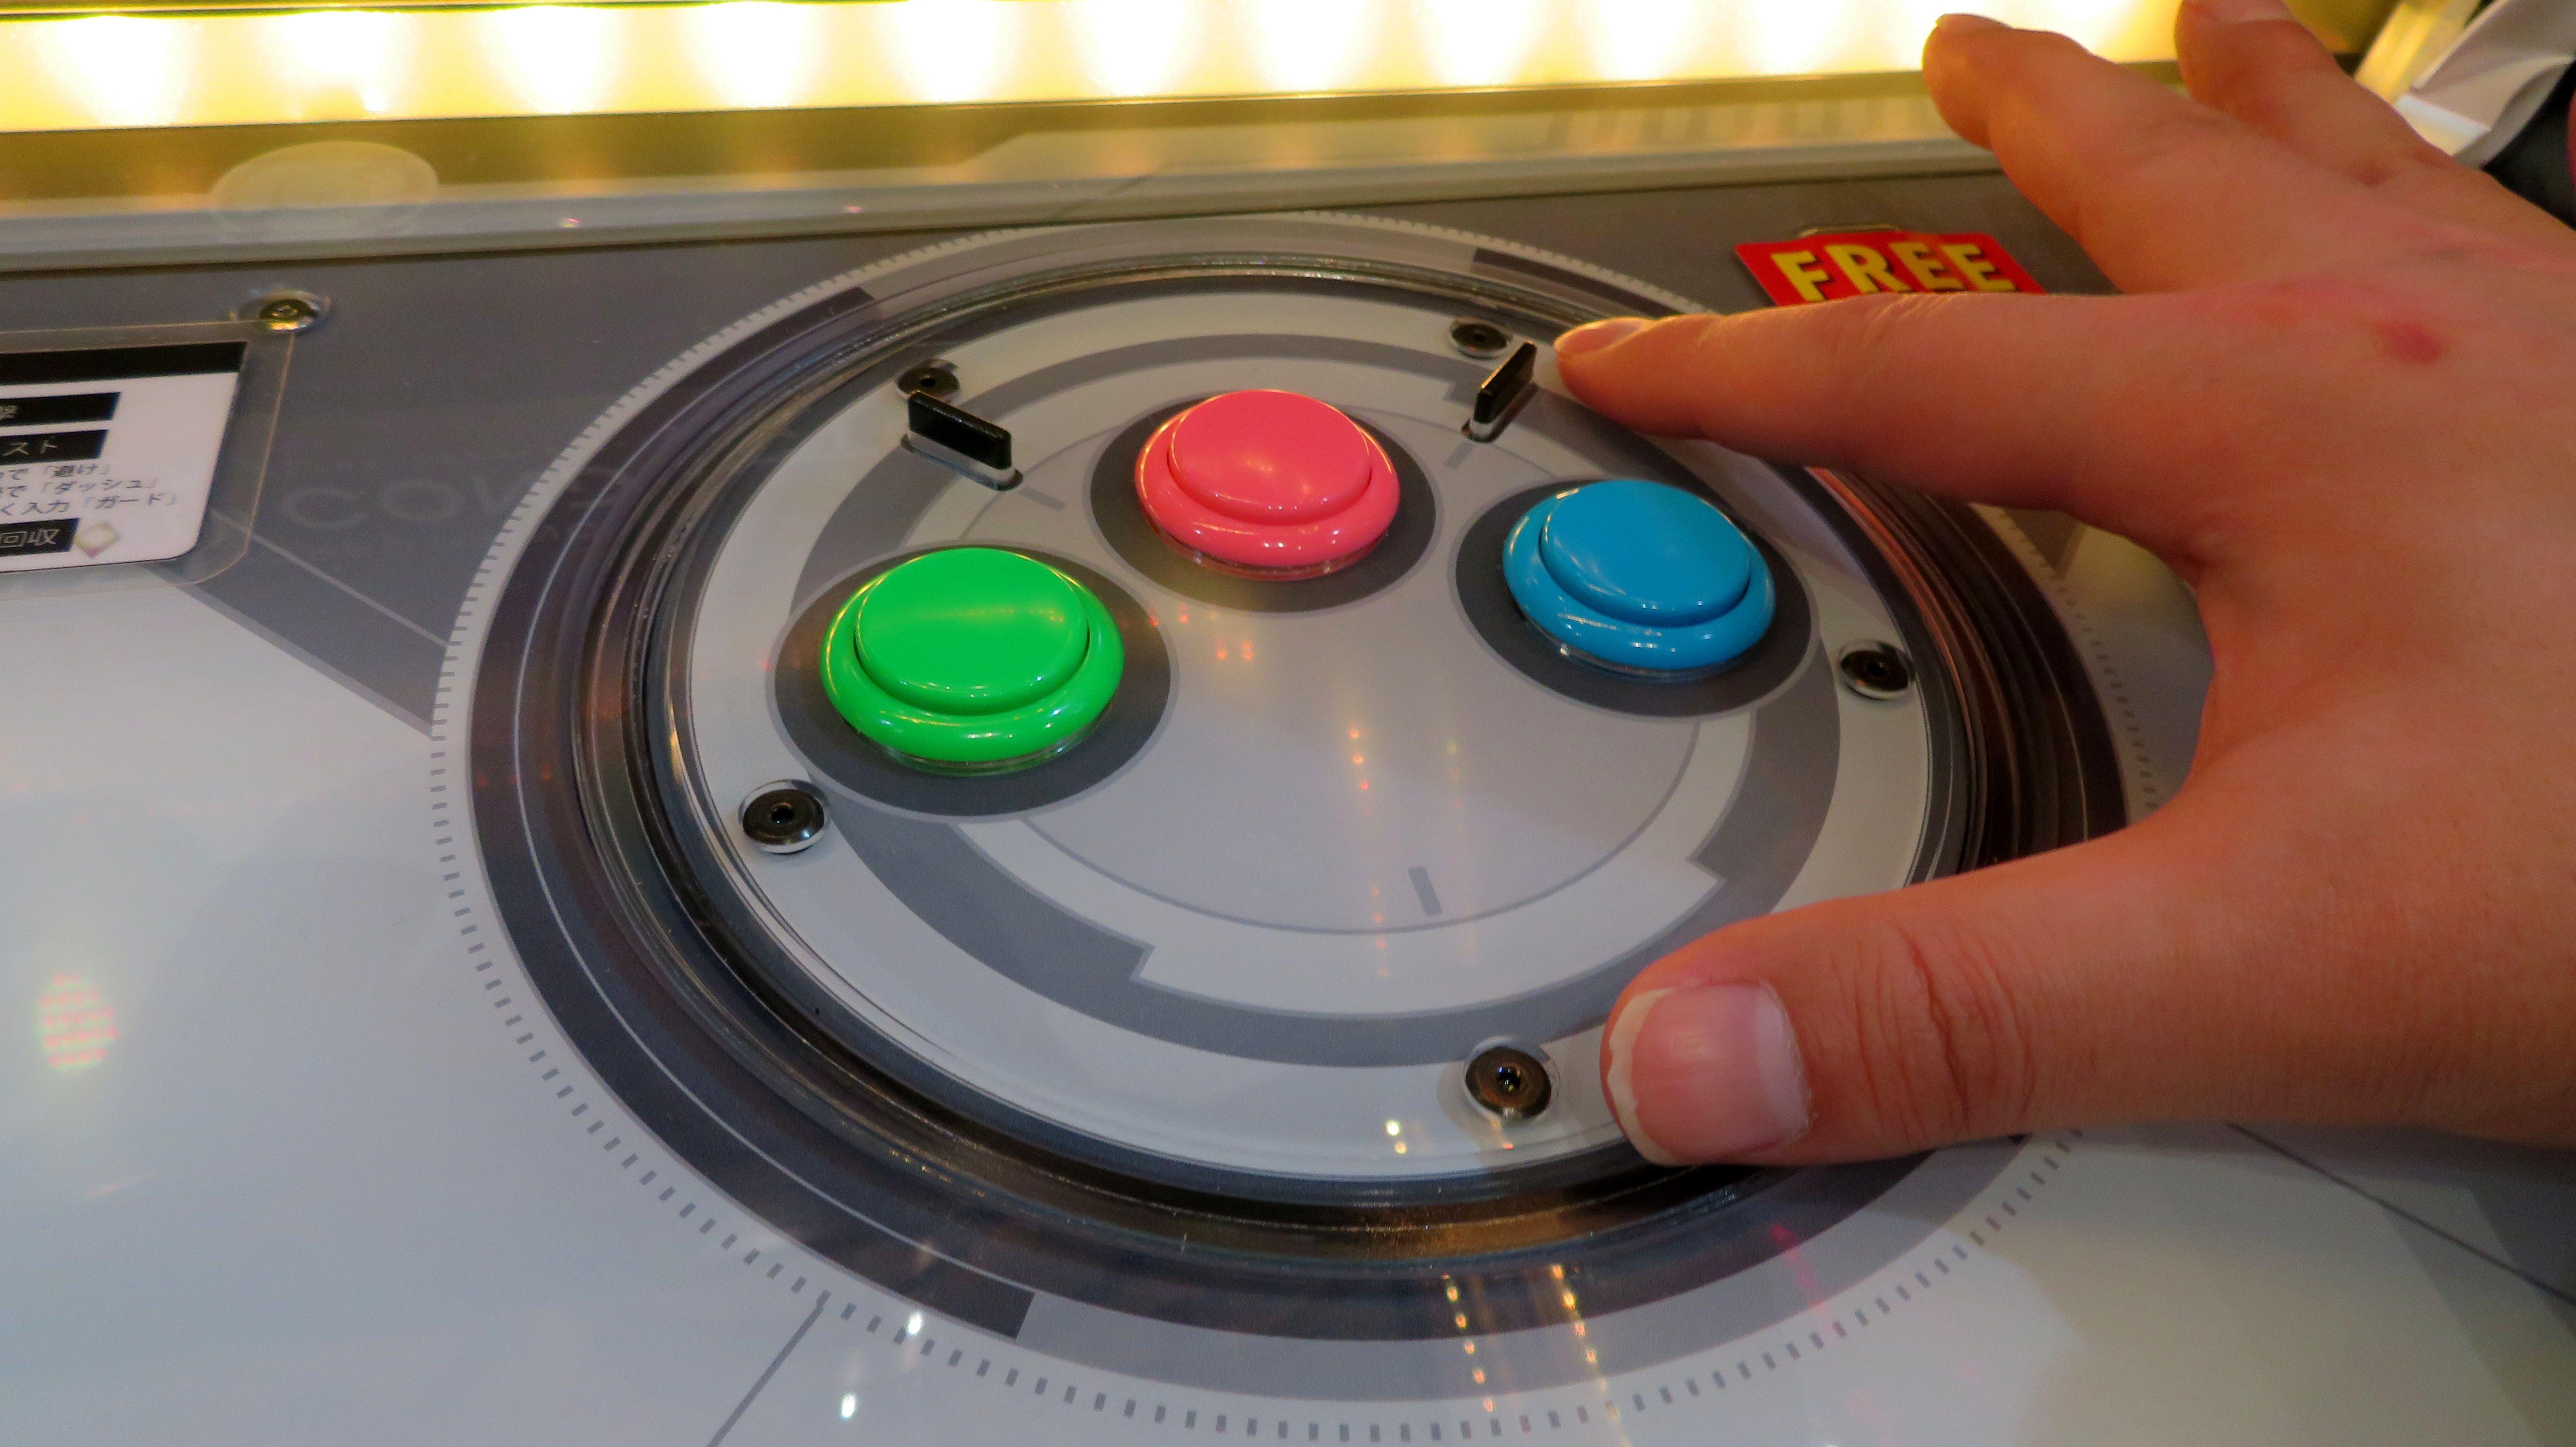 右手側には3個のボタンがあり、左から順に回収、攻撃、ブースト(※1回押すとダッシュ、2回押すとガード)ボタンになっている